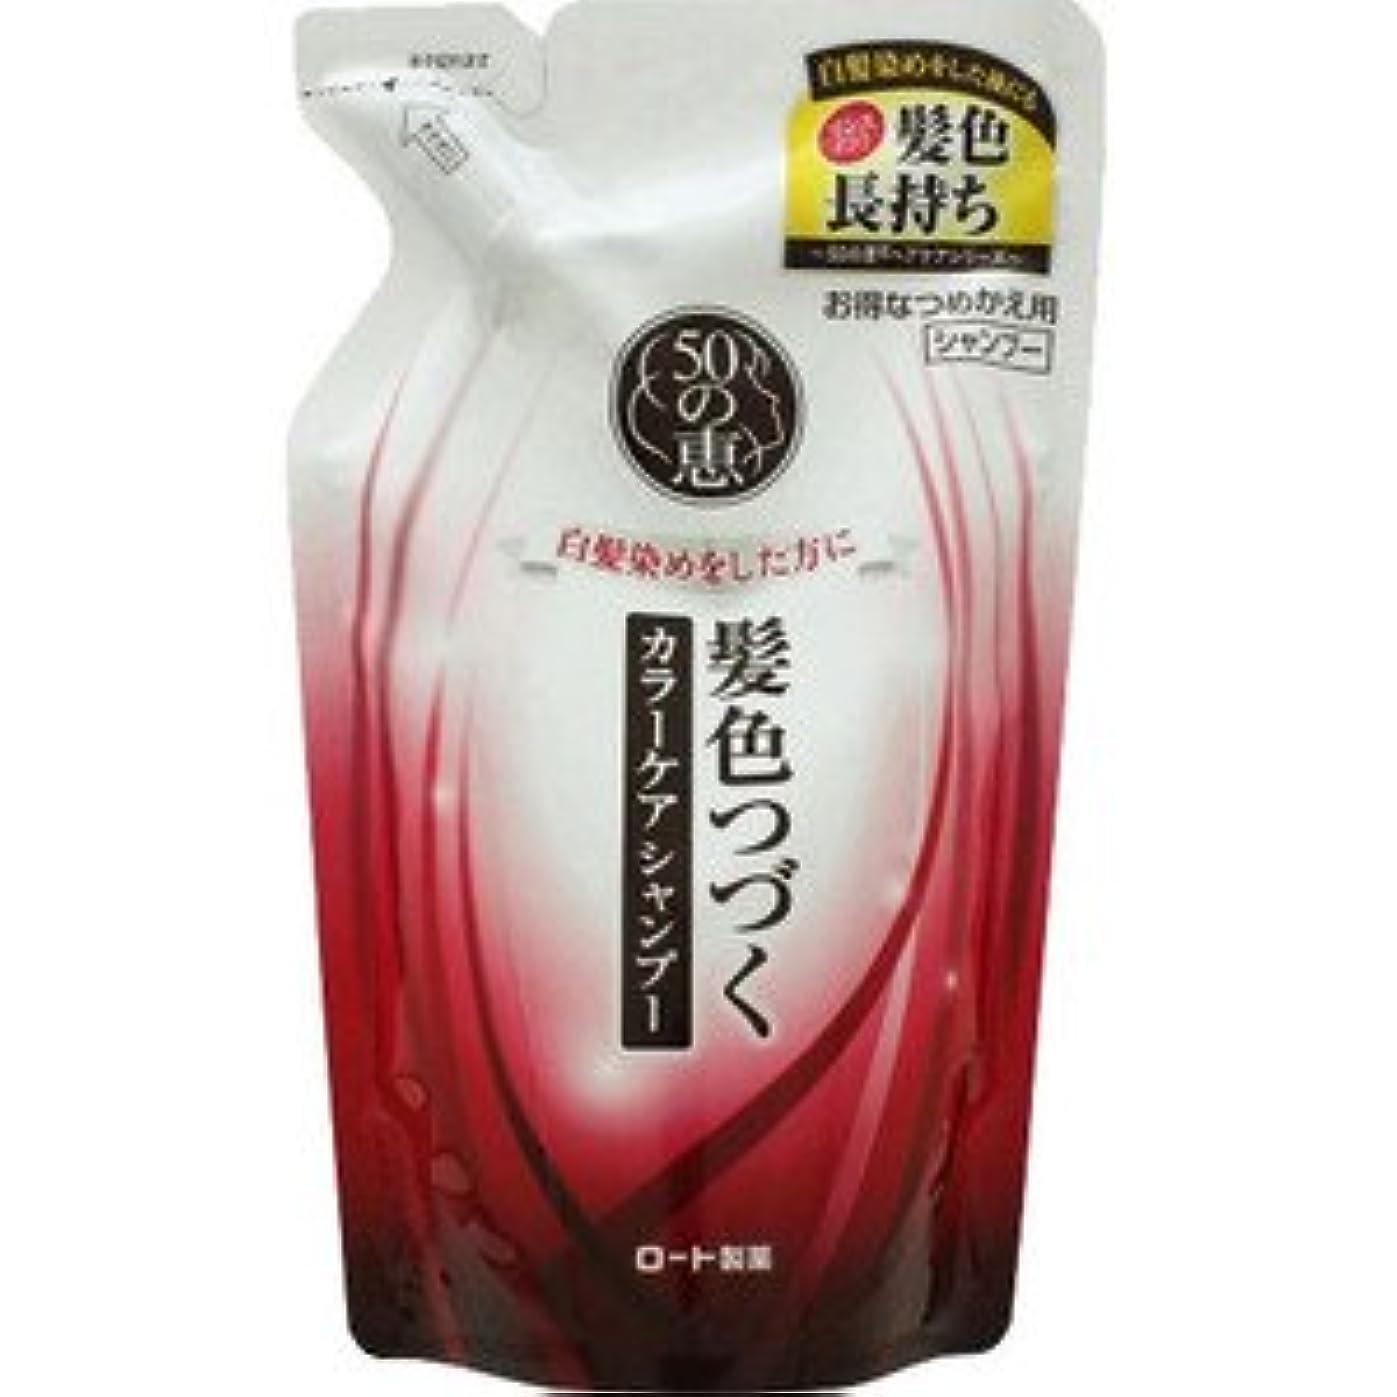 (ロート製薬)50の恵 髪色つづく カラーケア シャンプー(つめかえ用) 330ml(お買い得3個セット)